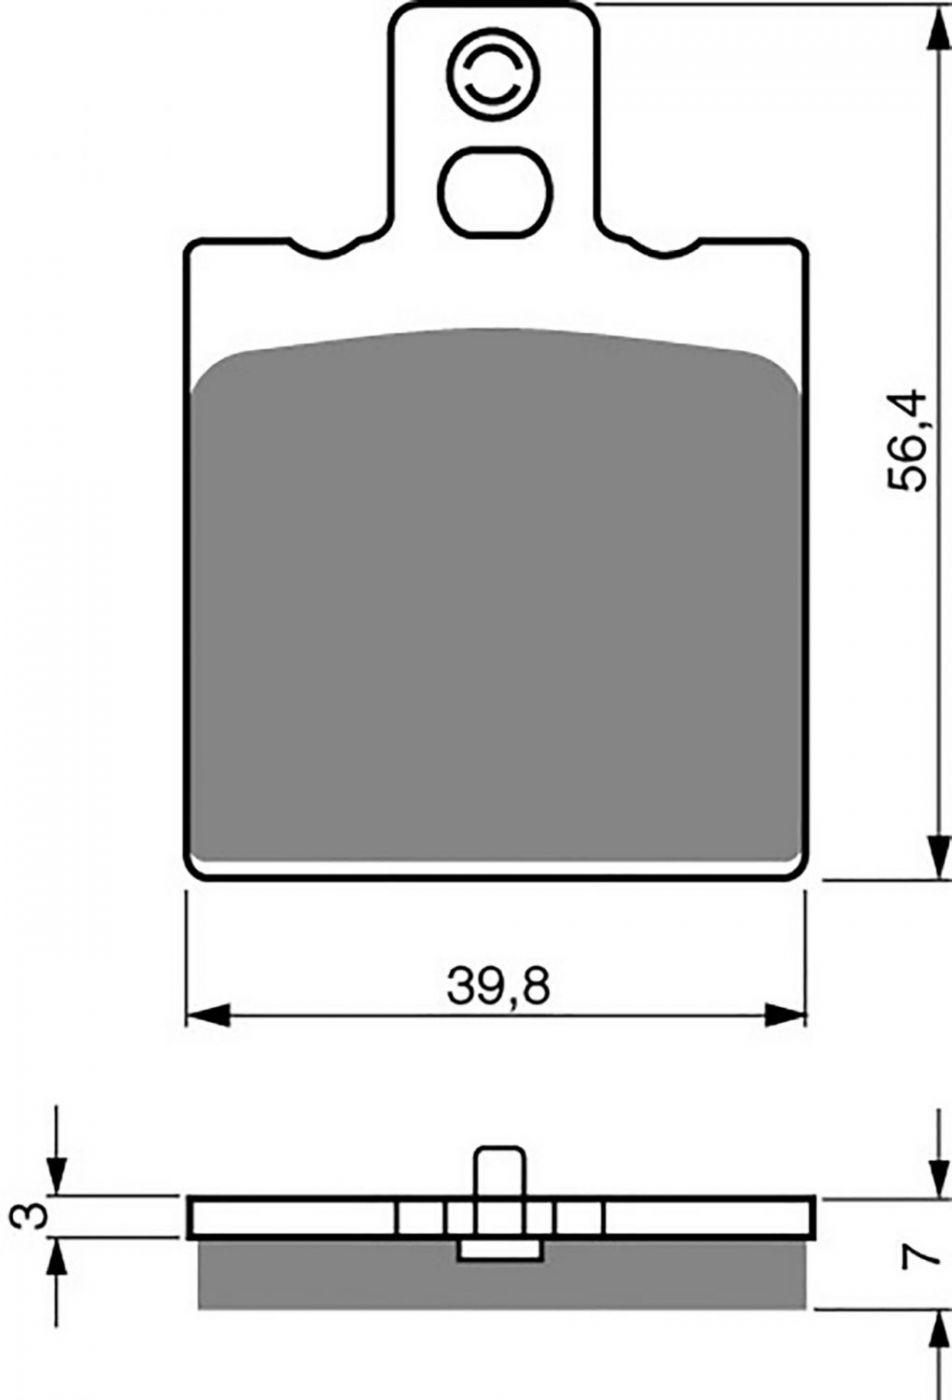 Goldfren GP5 Brake Pads - 700038GG image